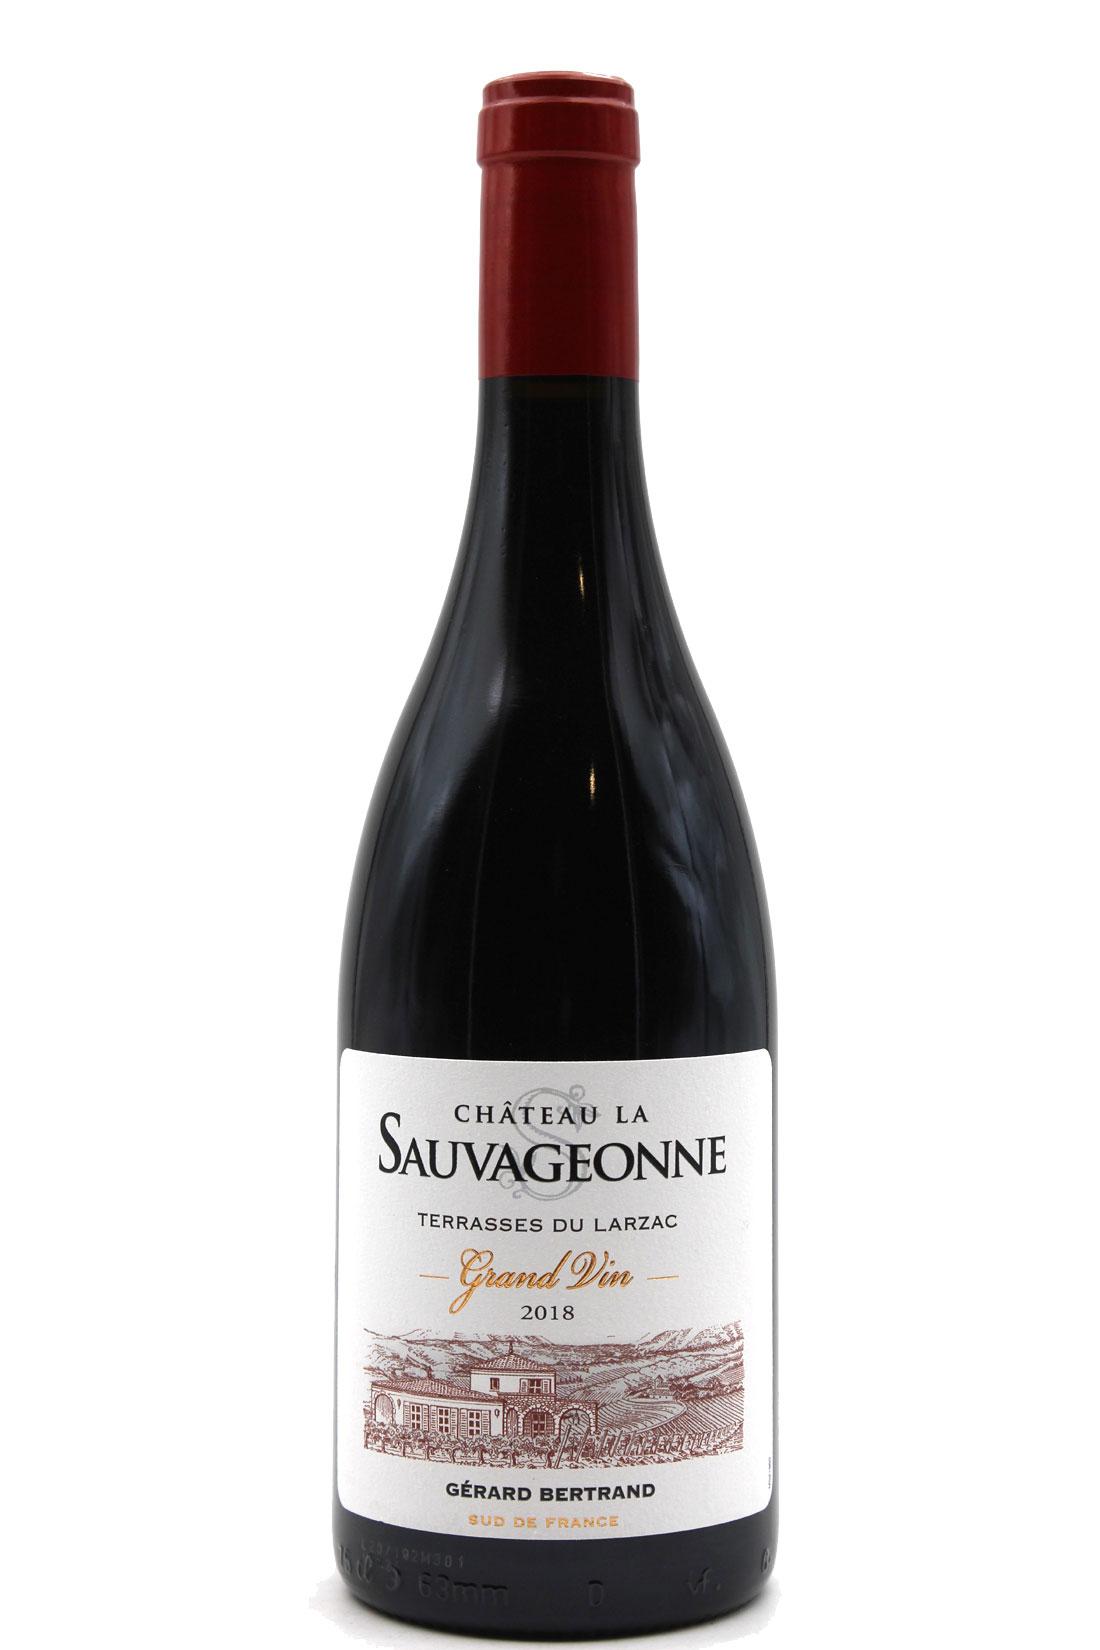 Château la Sauvageonne 2018 - Gérard Bertrand - Rouge 75cl - AOP Terrasses du Larzac